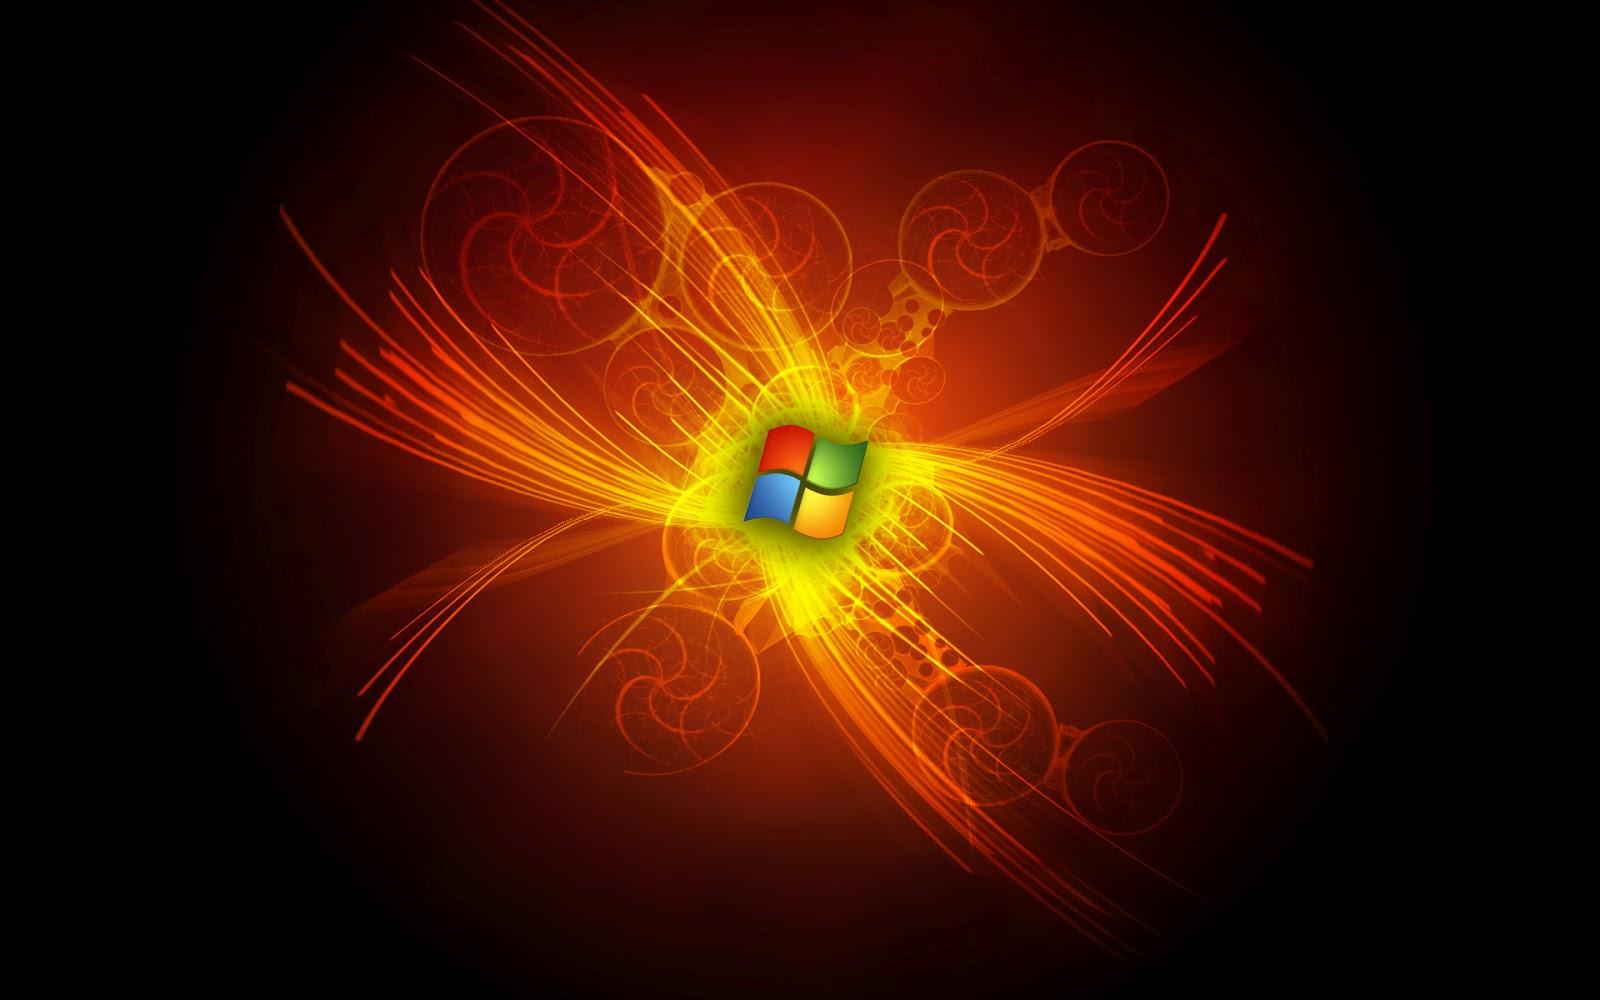 Windows 7 HD Wallpapers Free Download ~ SEO Urdu Pakistan ...